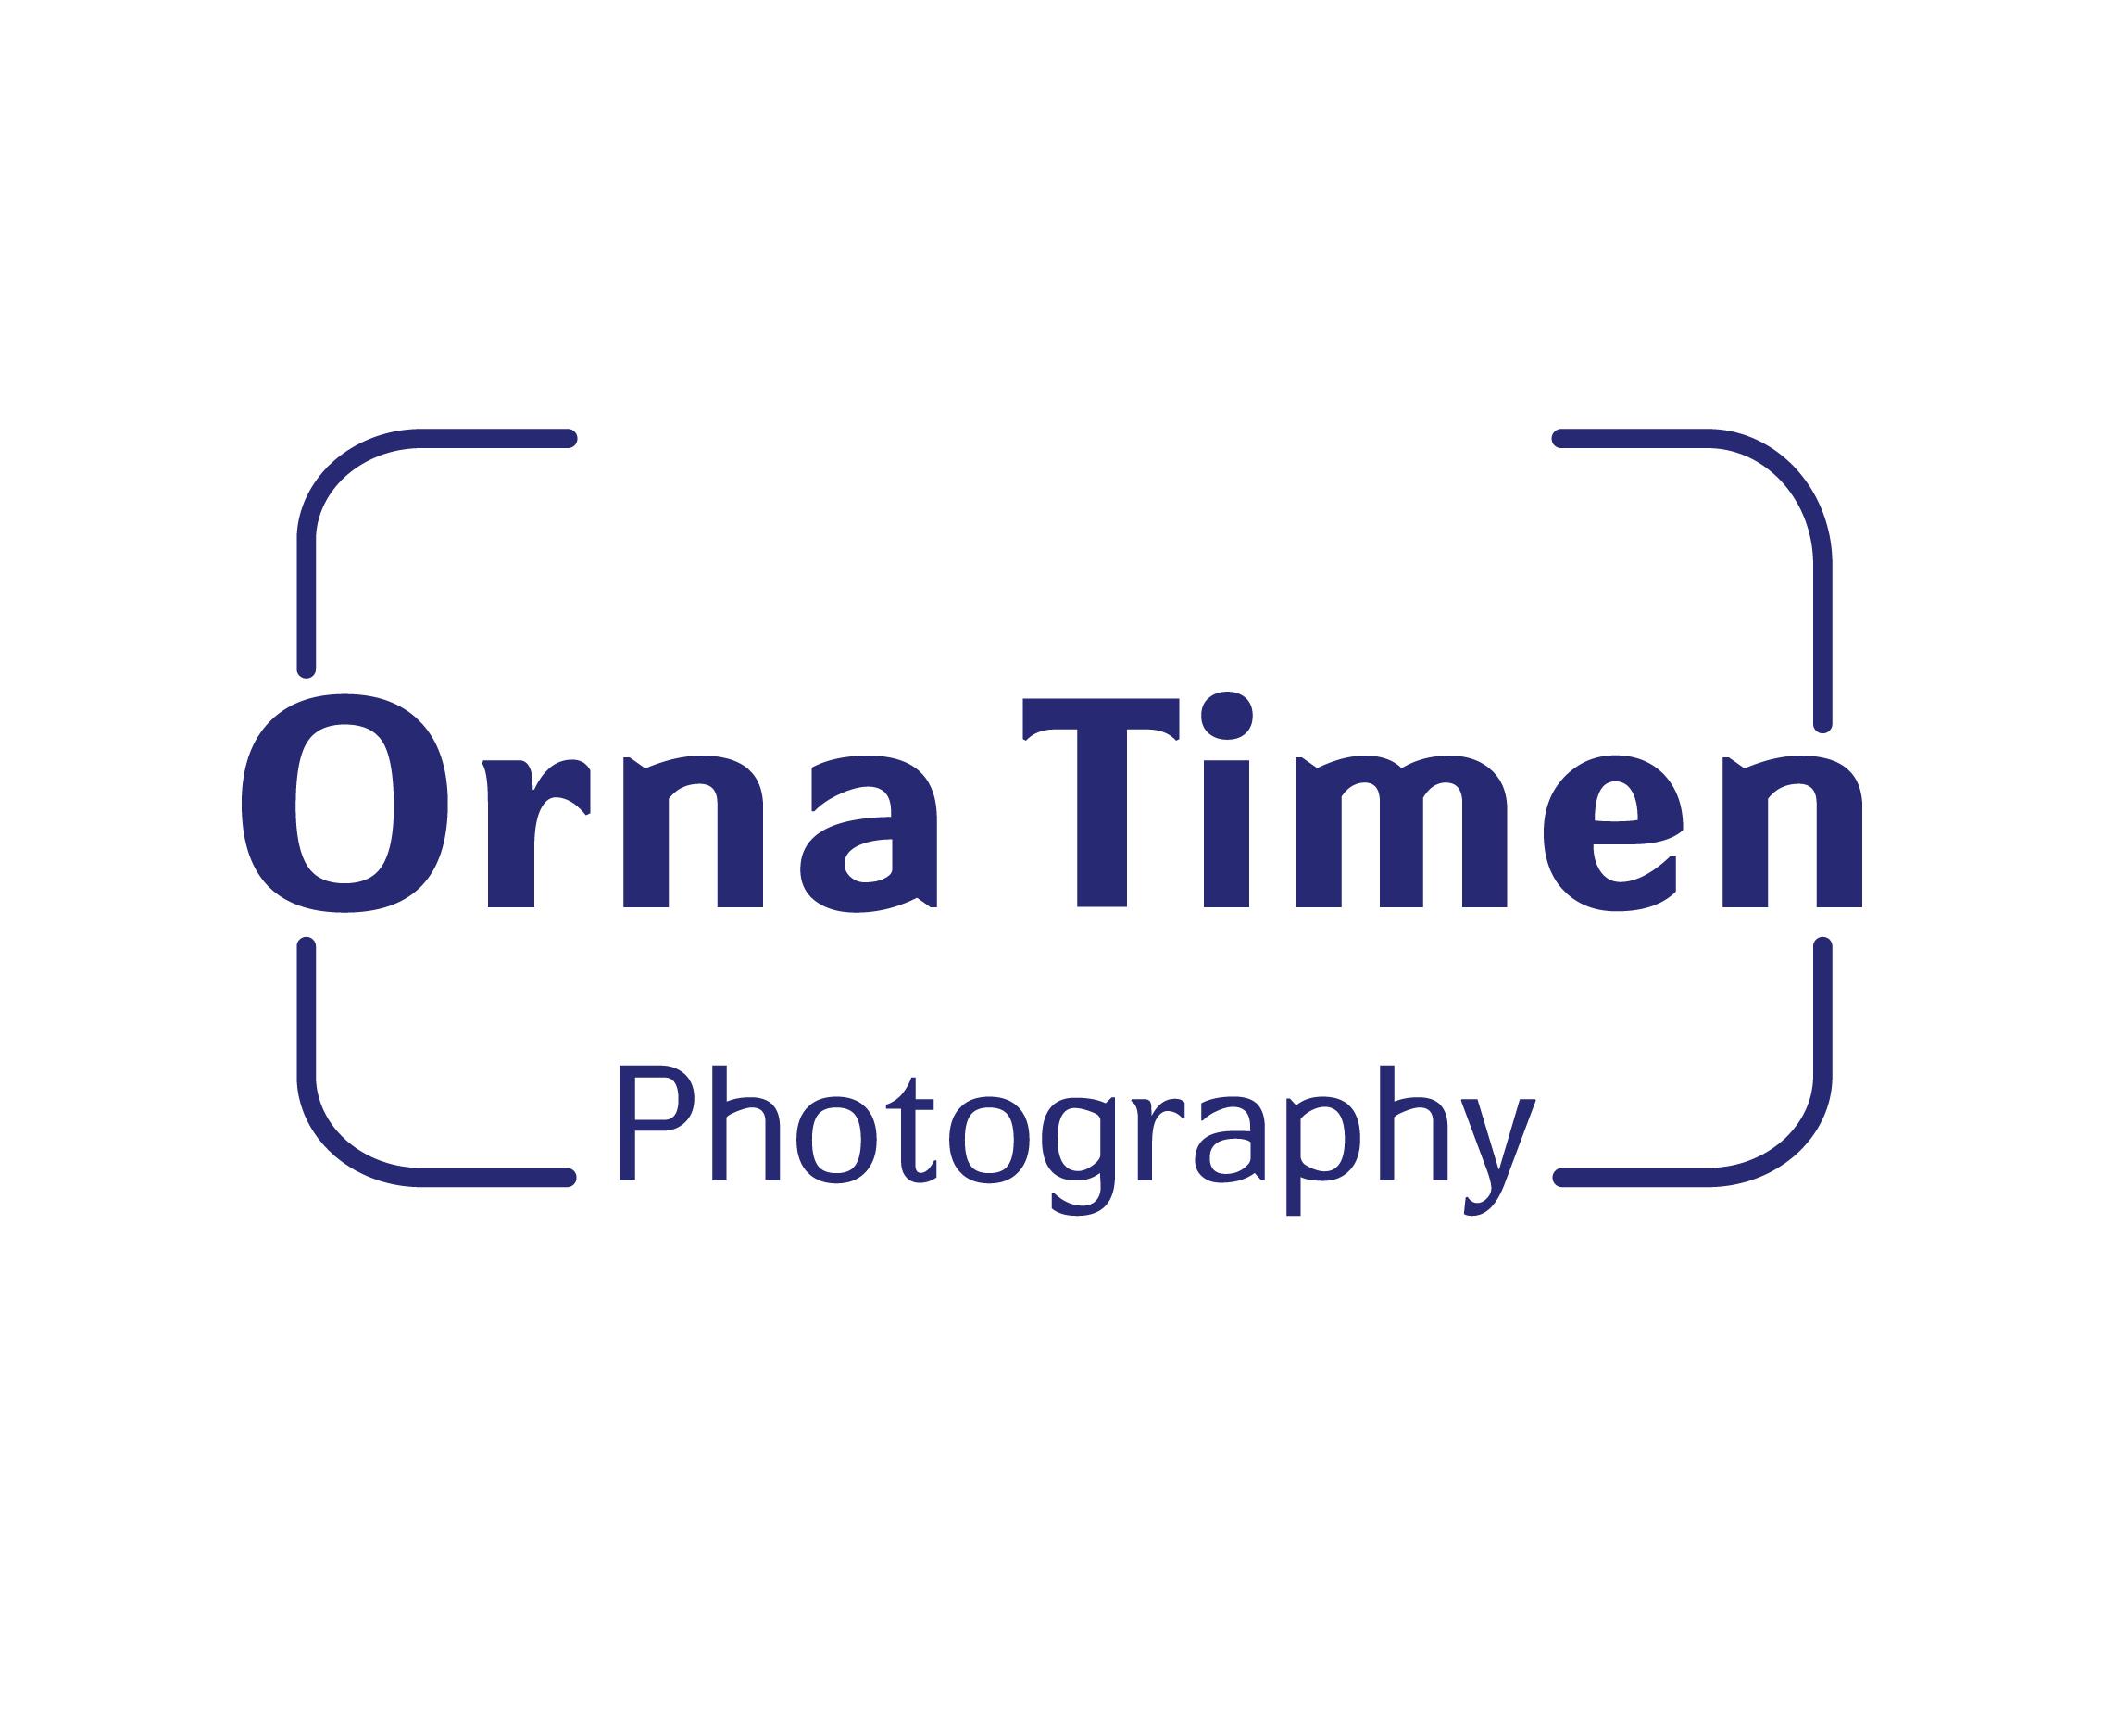 Orna Timen